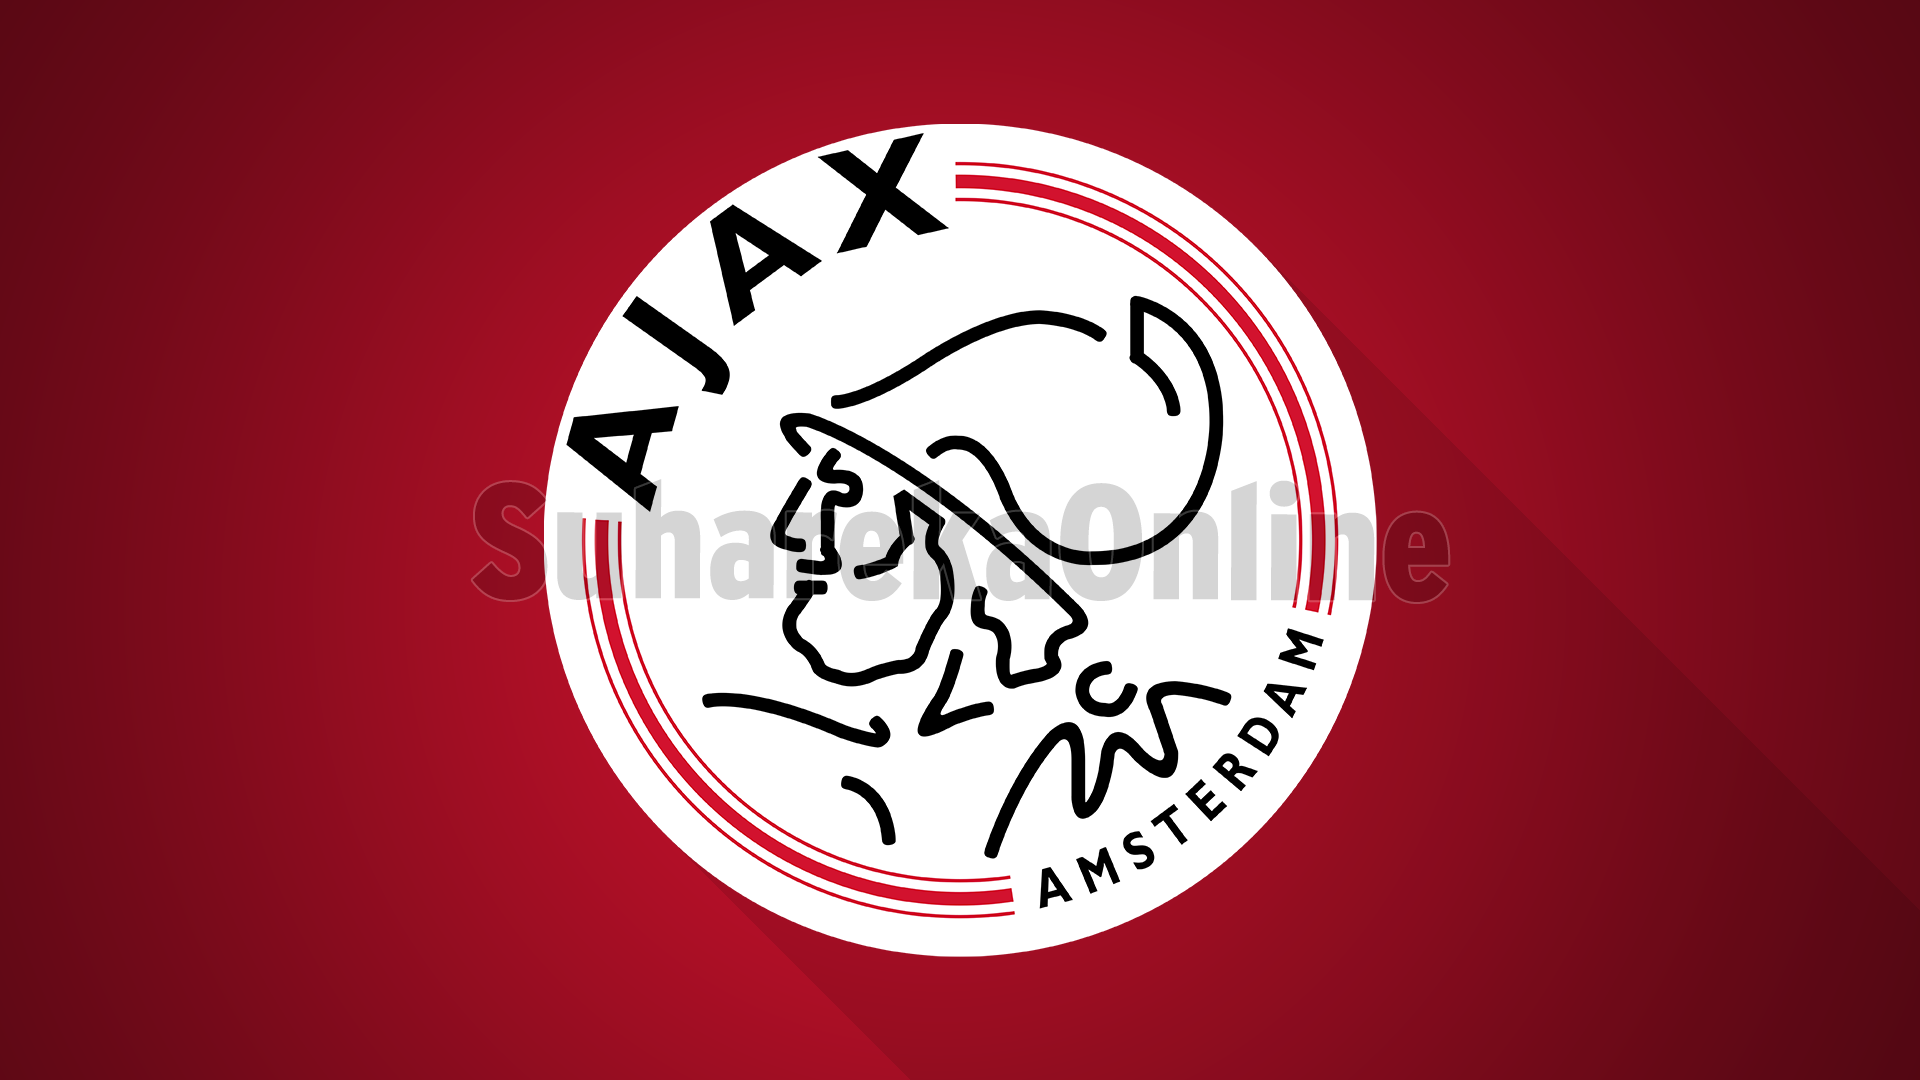 Ajaxi kërkon kundërshtar për miqësore, klubi kosovar i uron mirëseardhje